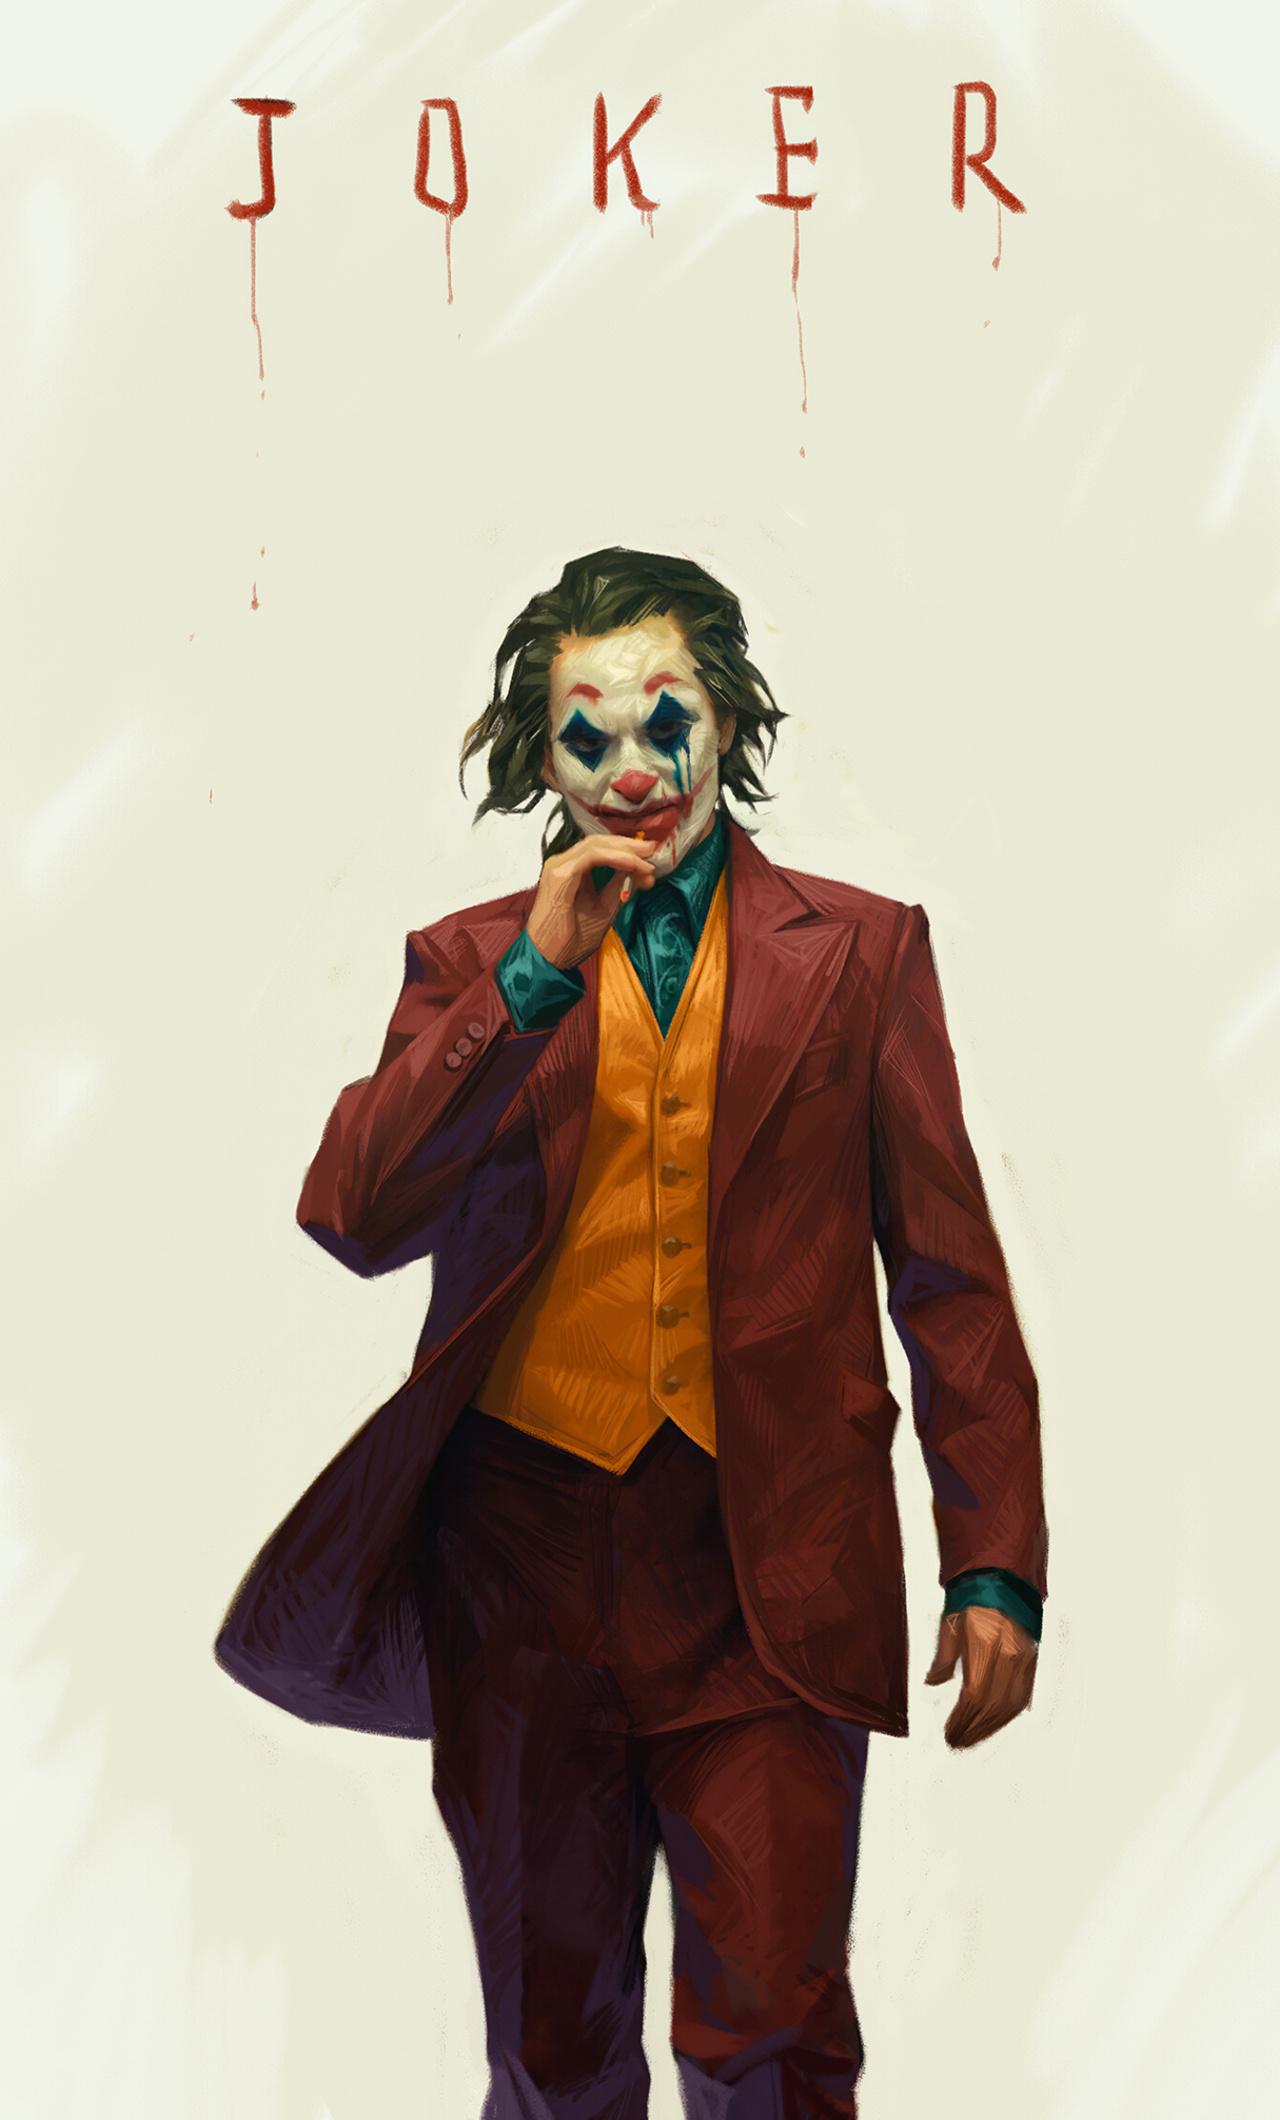 the-joker-legend-7e.jpg